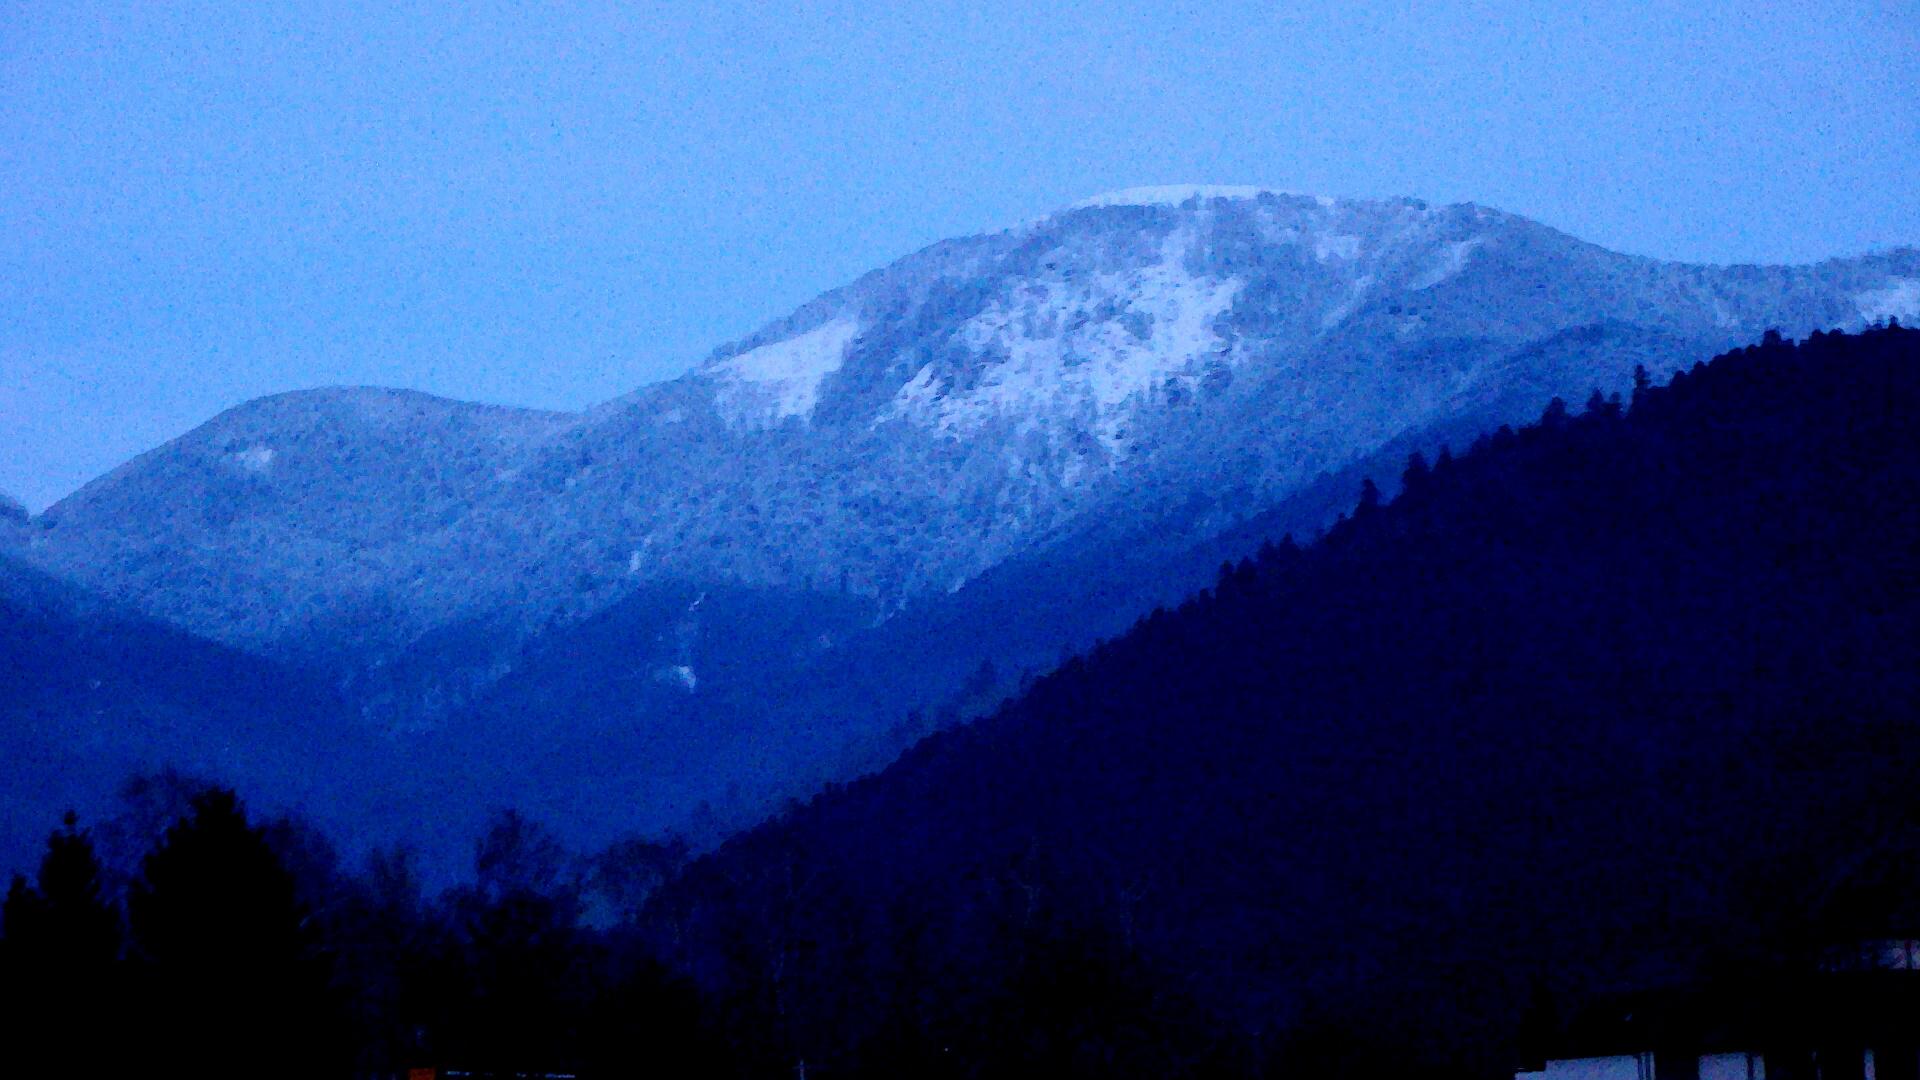 Der Belchen (1450m) mit Tagesrestlicht  am 18.März 2013 um 19.25 Uhr